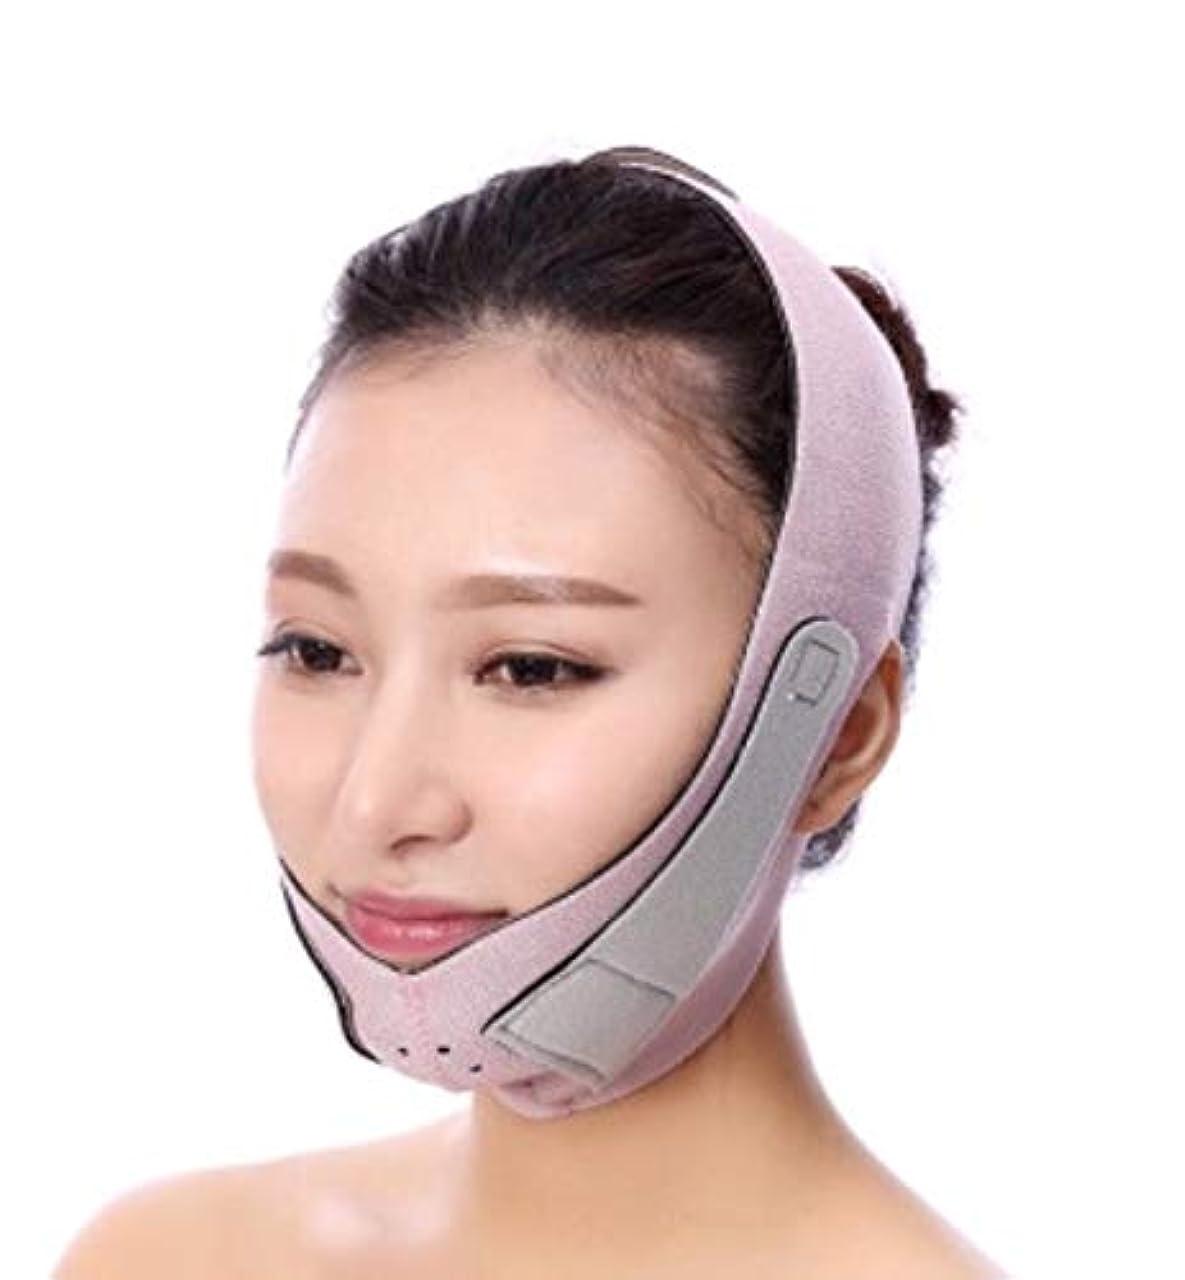 器具その後曖昧なTrust Contact リフトアップベルト 小顔マスク 矯正 小顔 リフトアップ フェイス 顔痩せ マスク